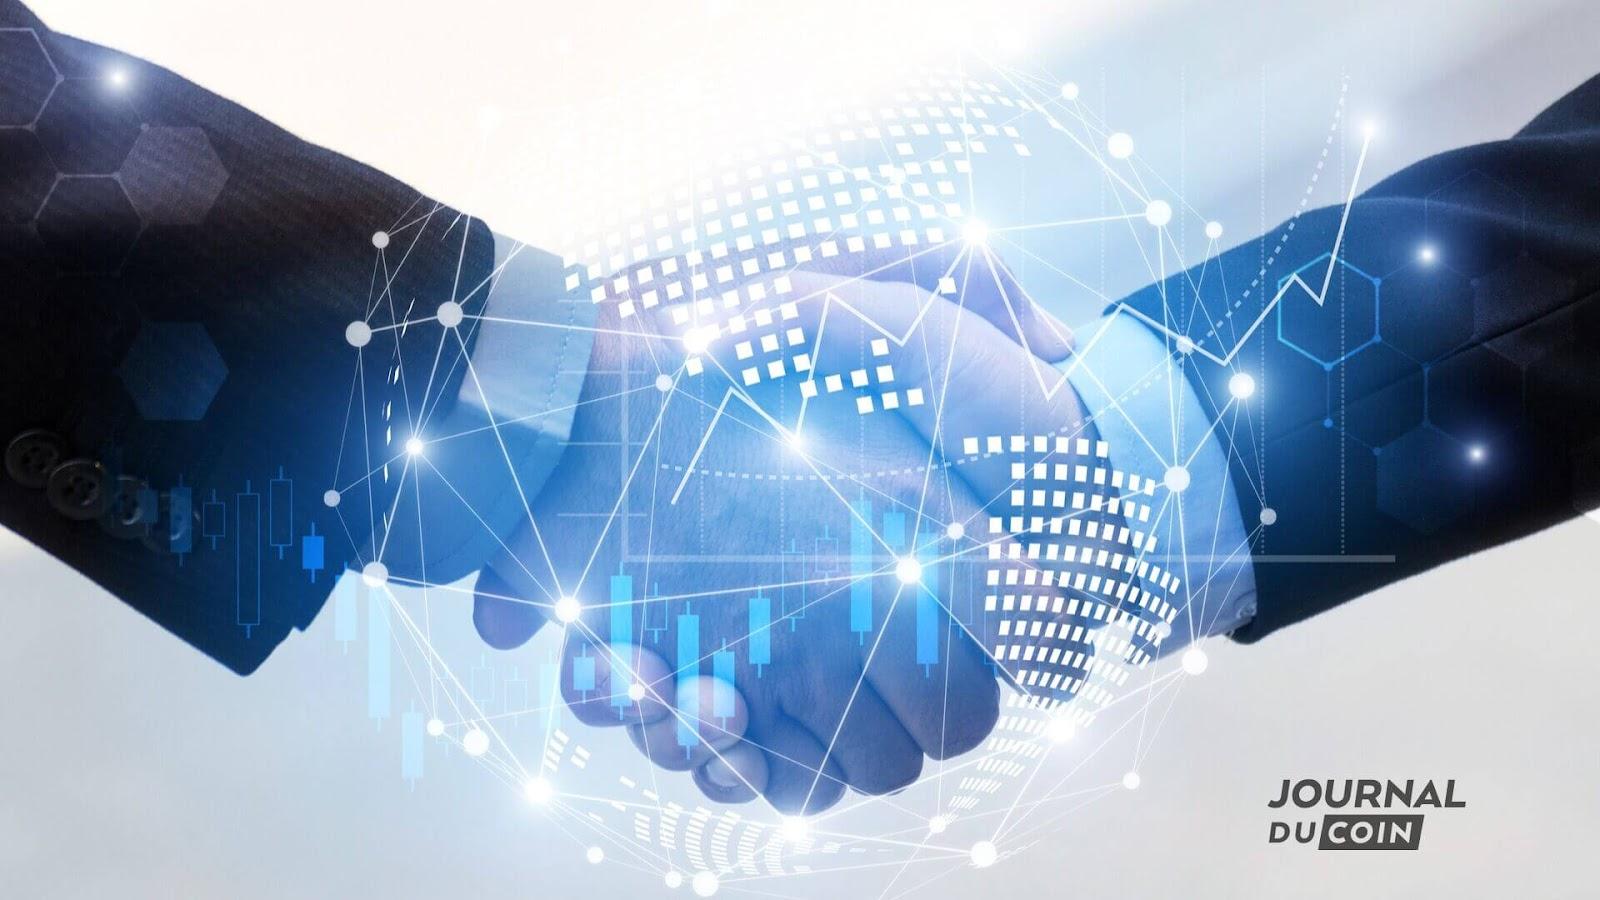 Les collaborations s'enchaînent au sein de l'écosystème Ultra.io